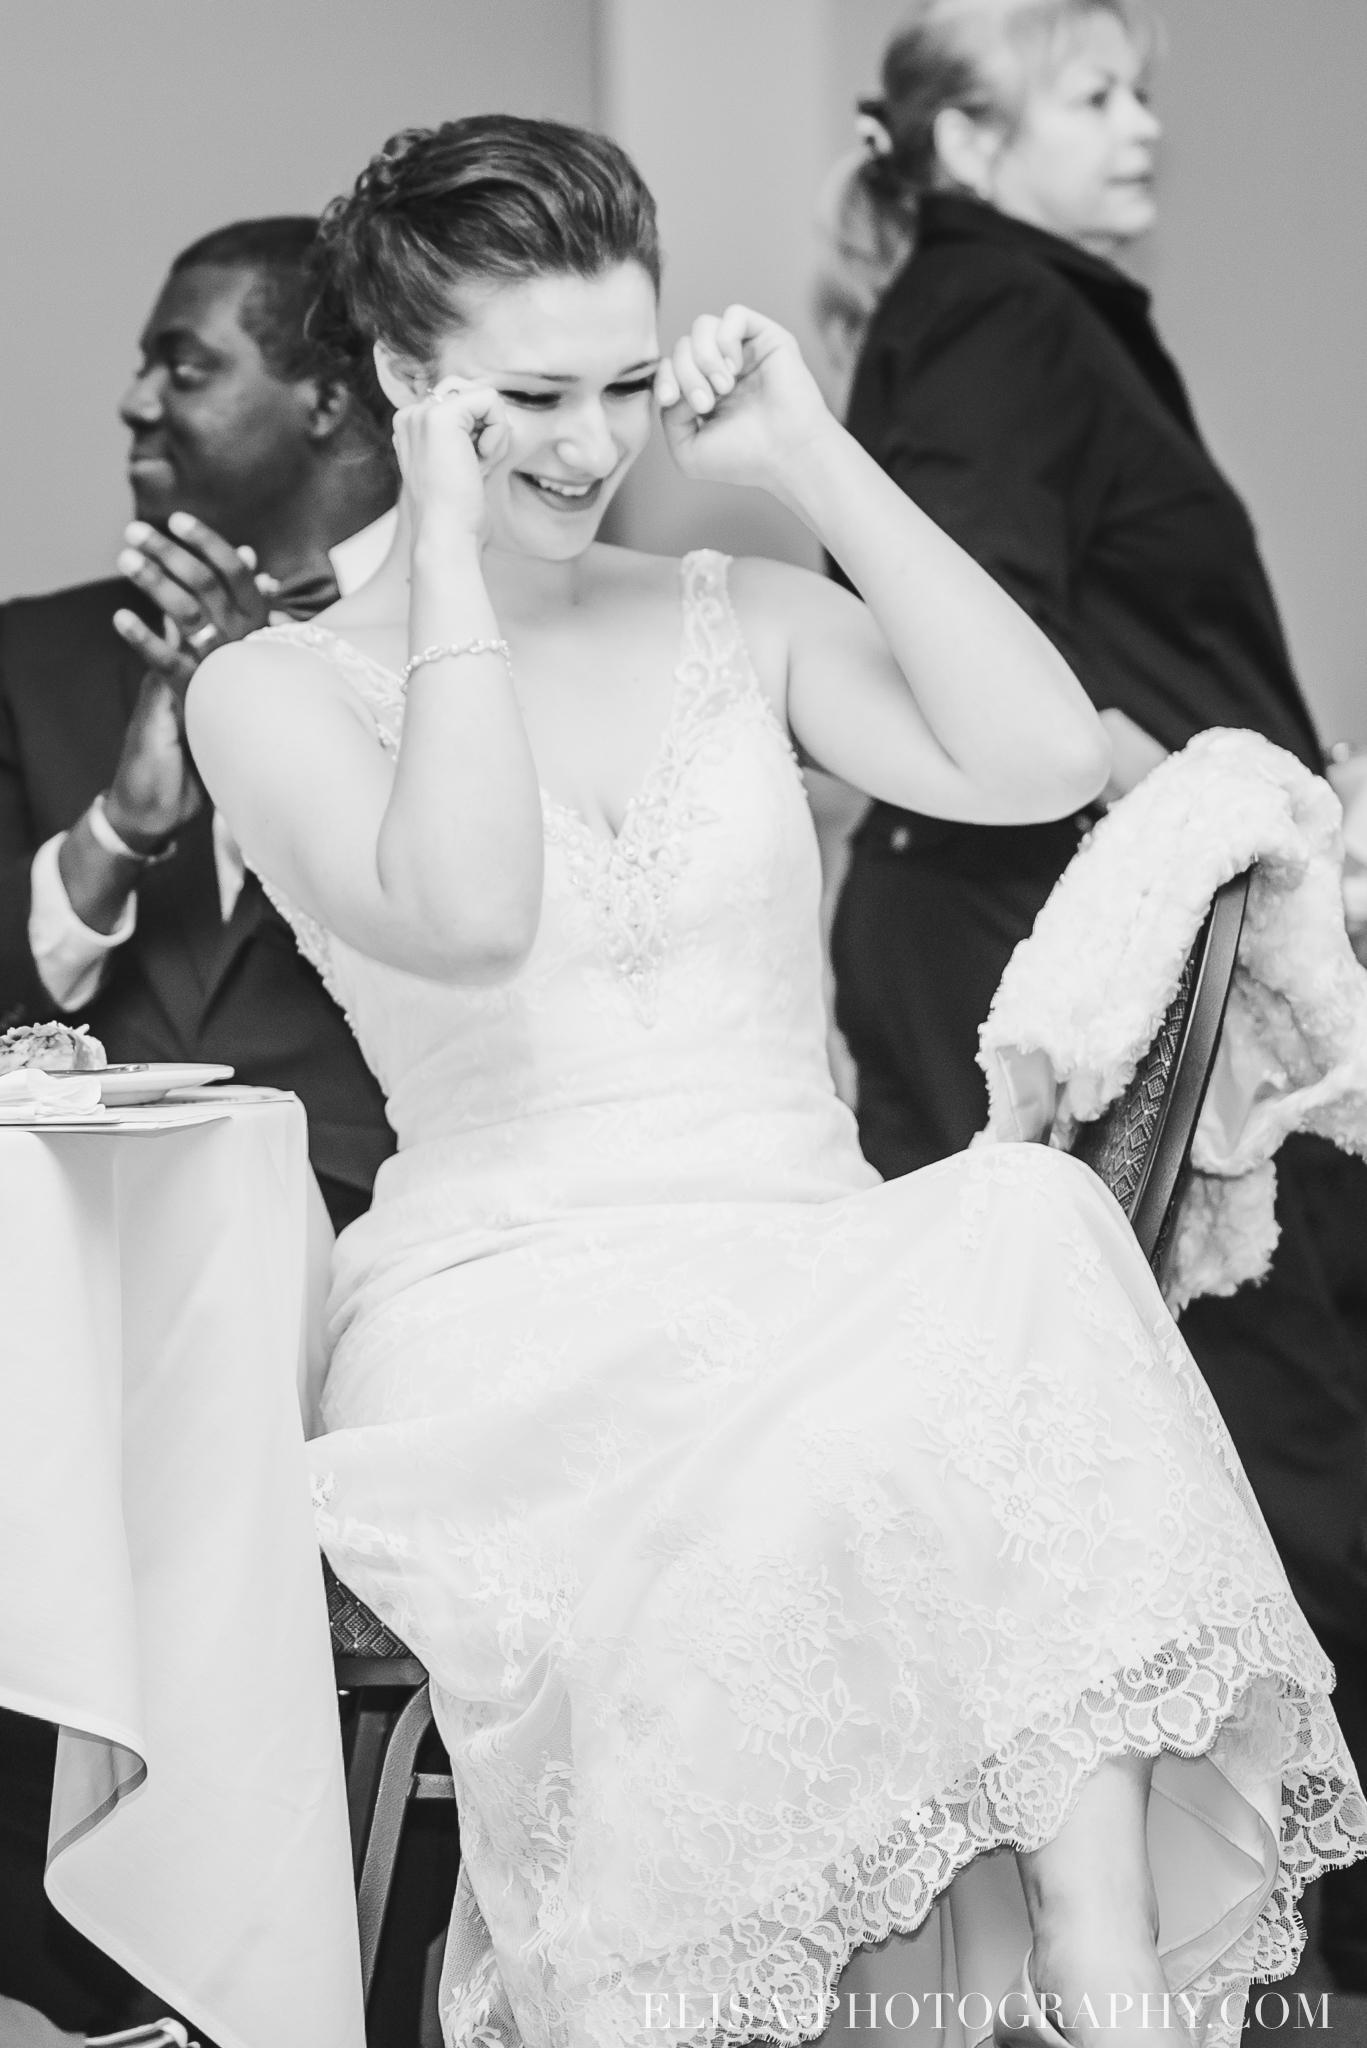 photo mariage reception toast coupe du gateau ville de quebec golf de cap rouge 8587 - Mariage au Golf de Cap-Rouge, ville de Québec: Stéphanie & William